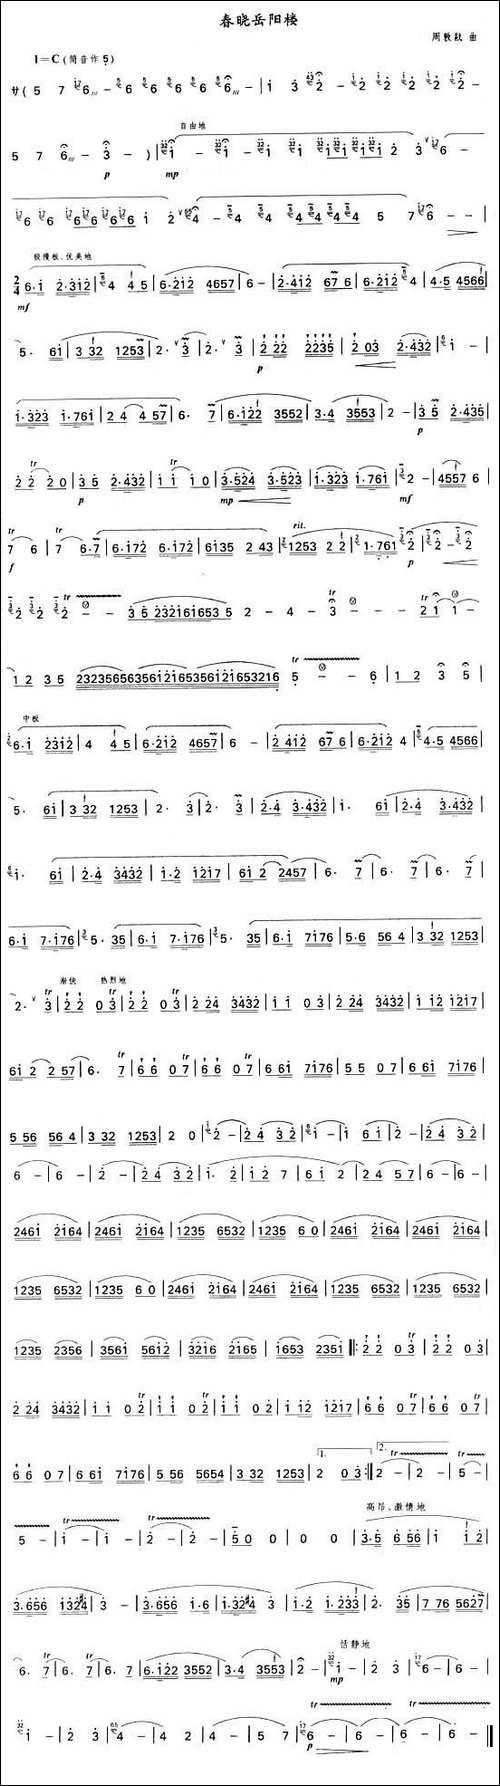 春晓岳阳楼-笛箫间谱|笛箫谱